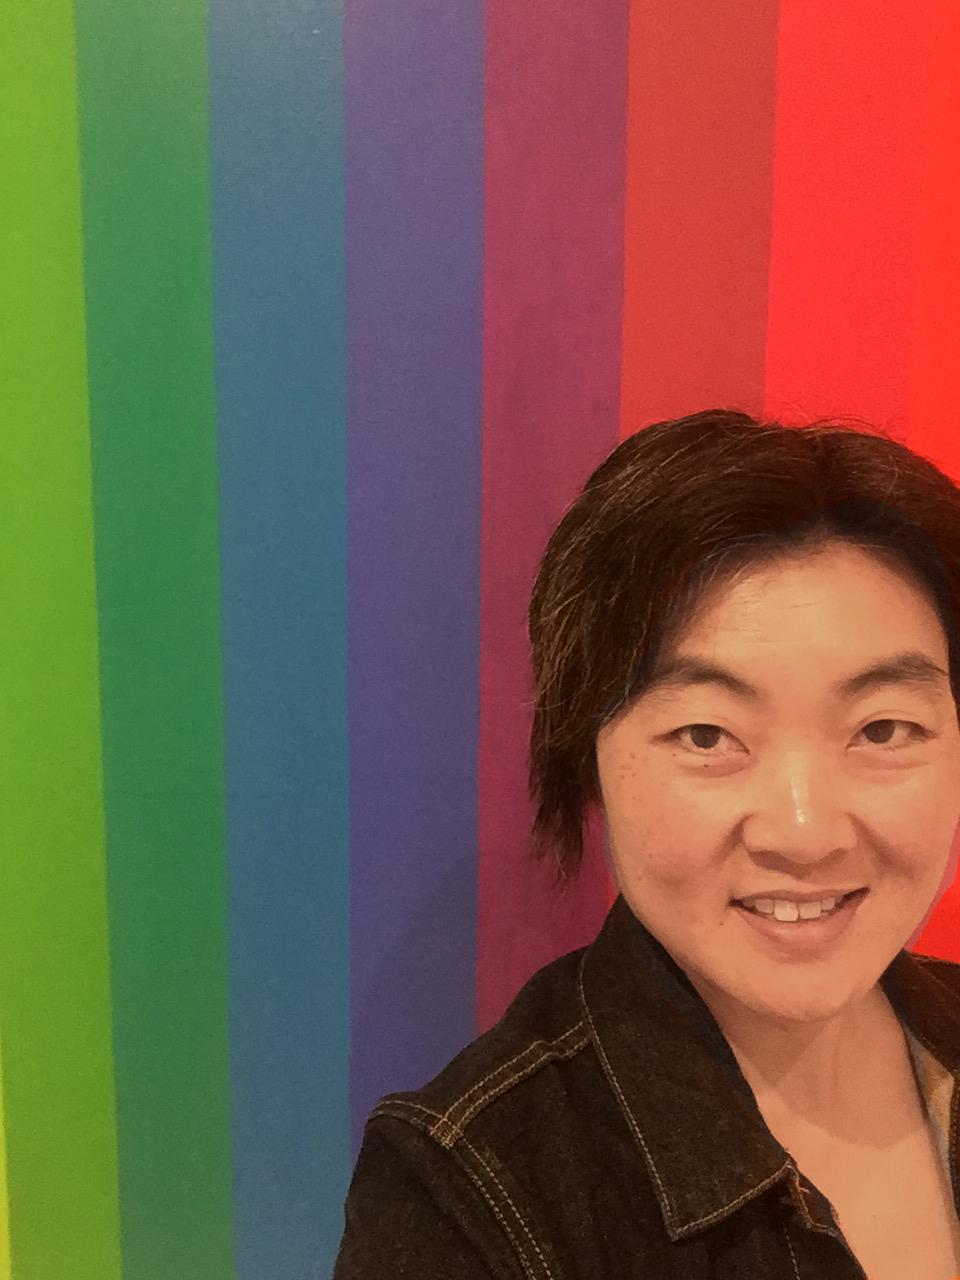 Theresa Wong